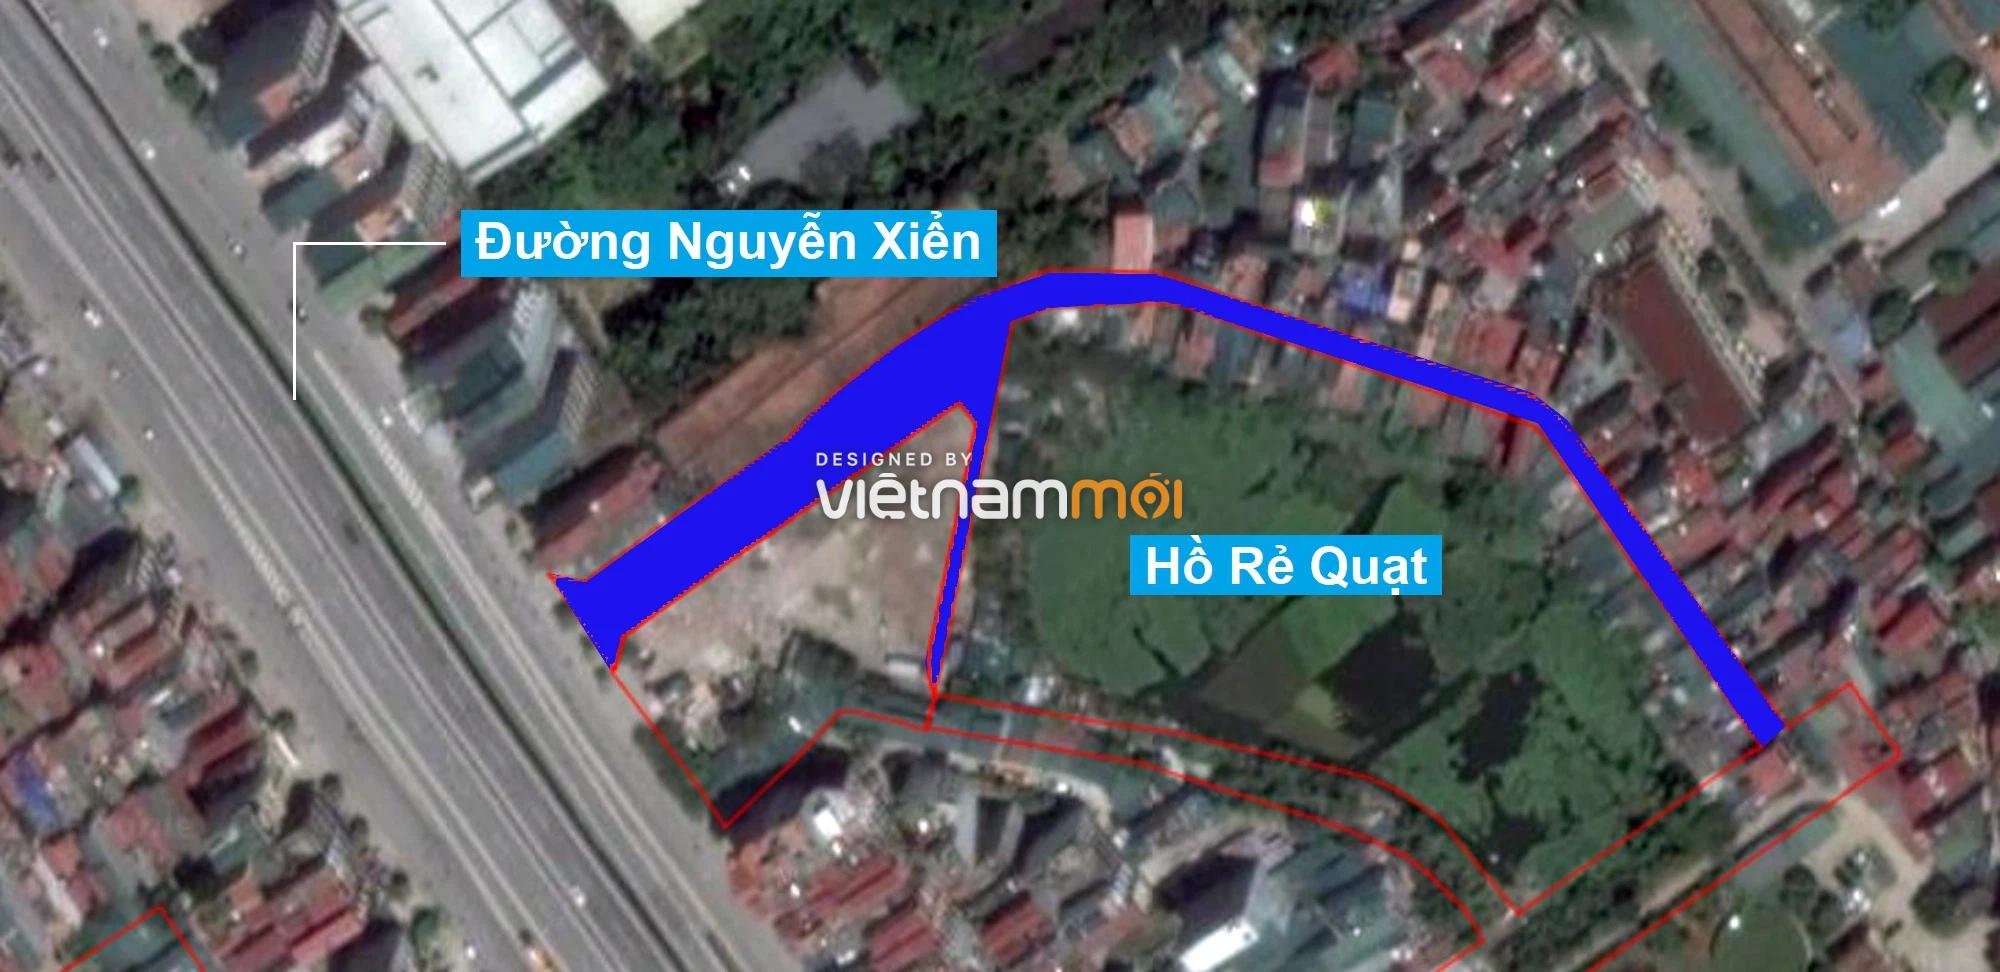 Những khu đất sắp thu hồi để mở đường ở quận Thanh Xuân, Hà Nội (phần 1) - Ảnh 9.